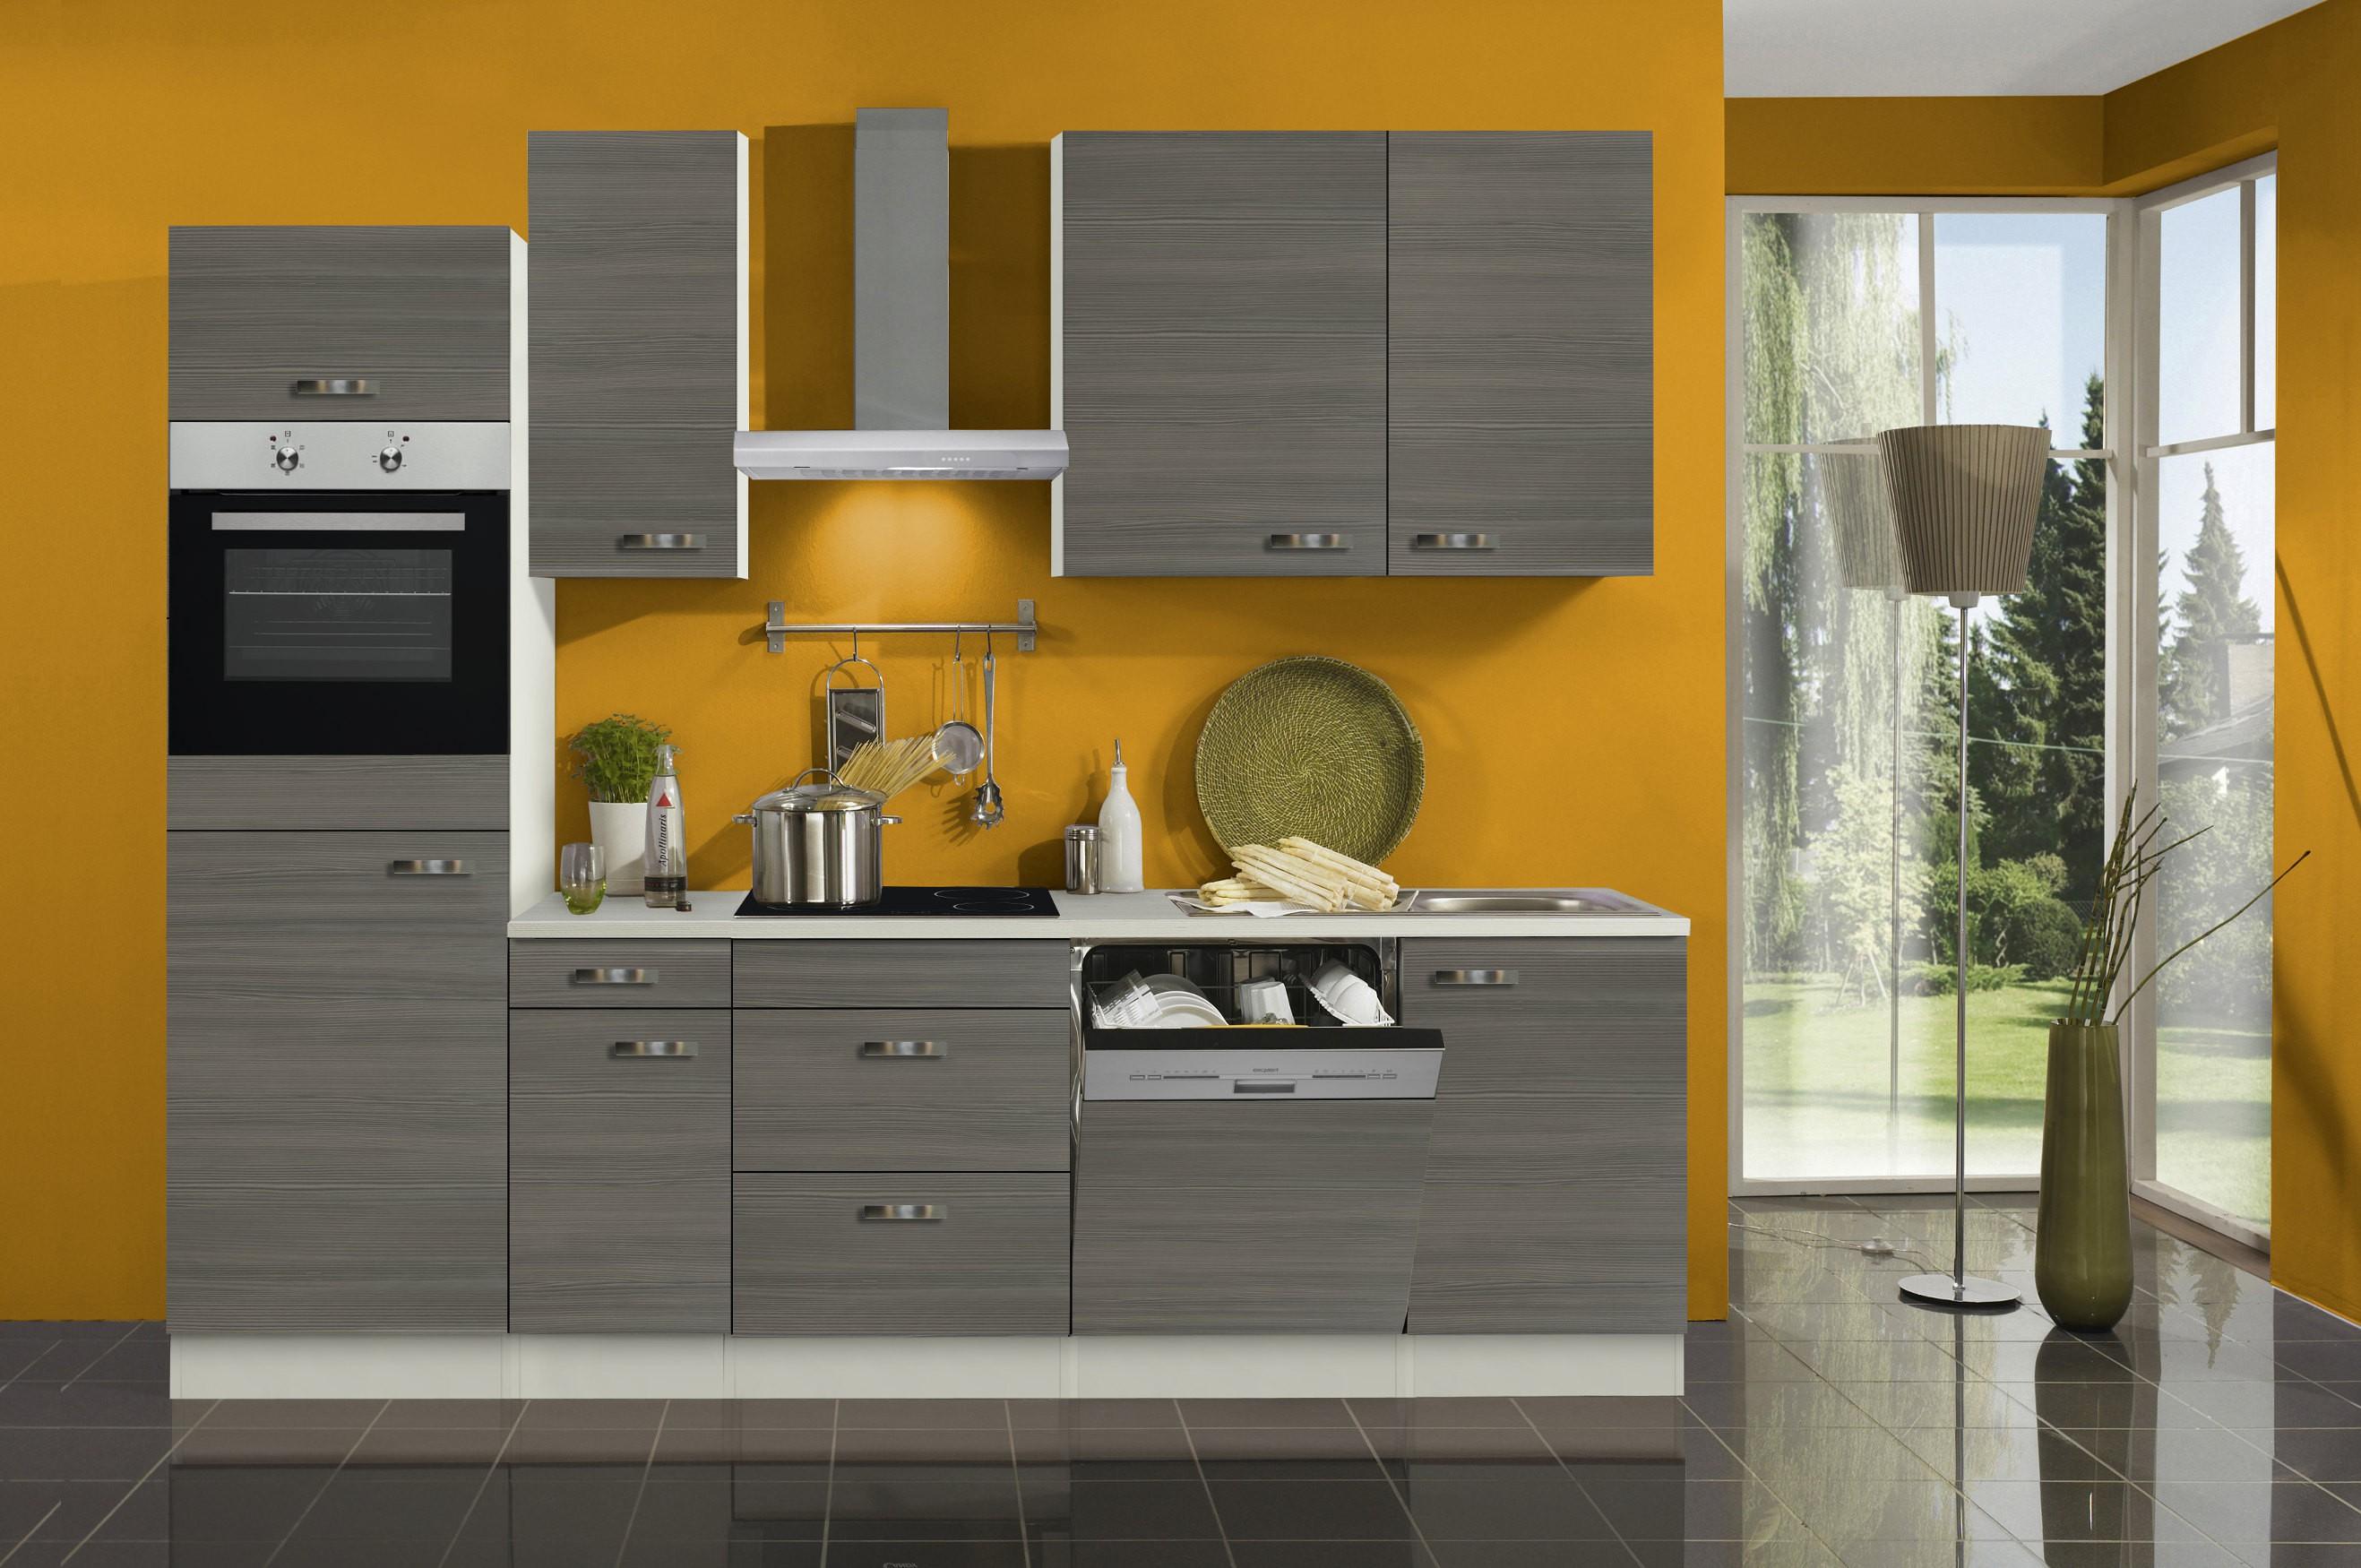 k chenzeile toledo vario 8 k che mit e ger ten breite 270 cm pinie k che k chenzeilen. Black Bedroom Furniture Sets. Home Design Ideas